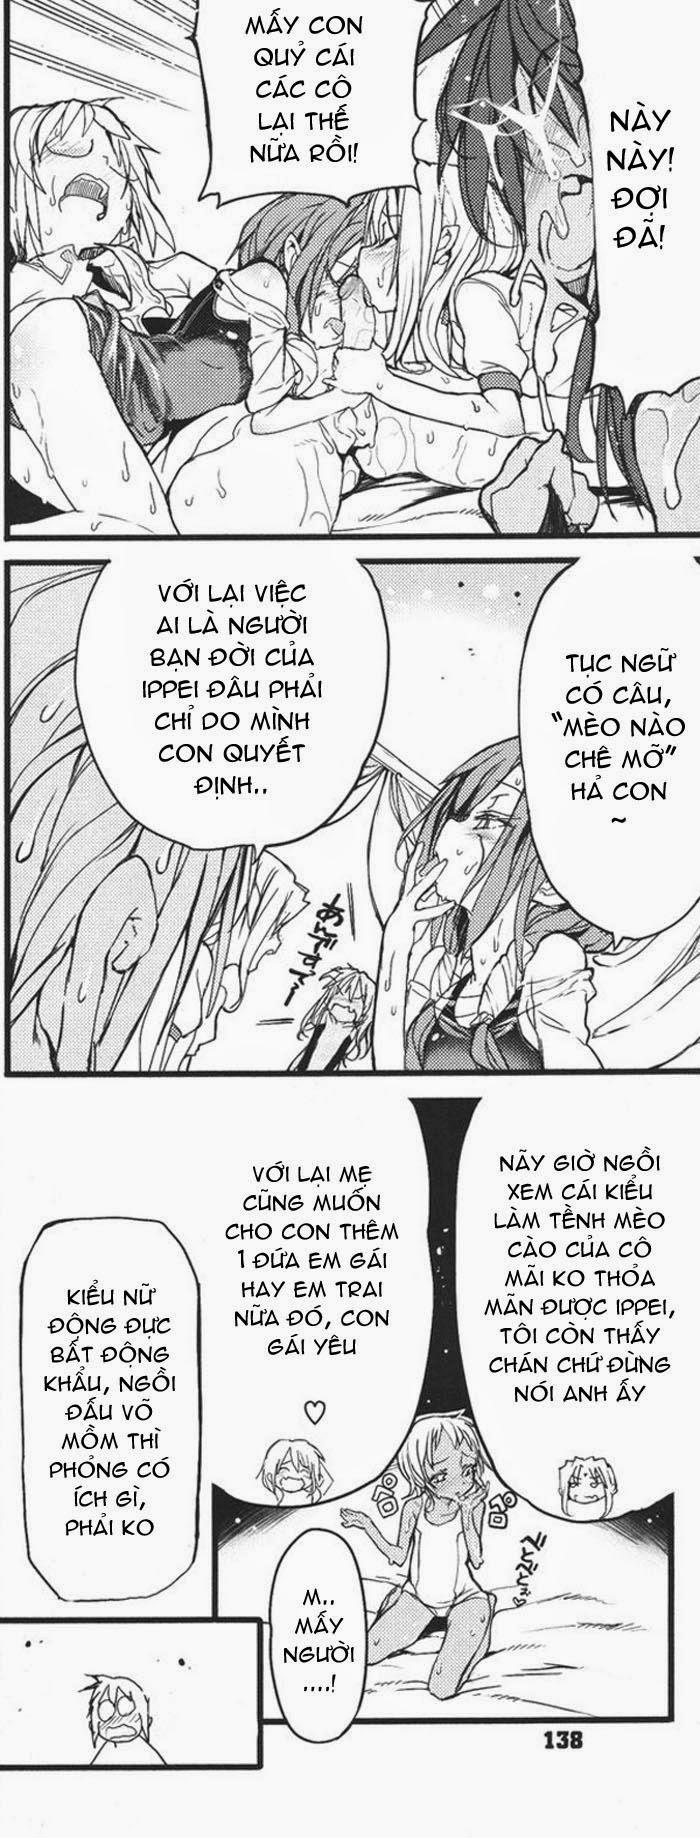 Hình ảnh hentai_manga_hakihome.com_undead%2Bprincess_026 trong bài viết Nữ hoàng loli